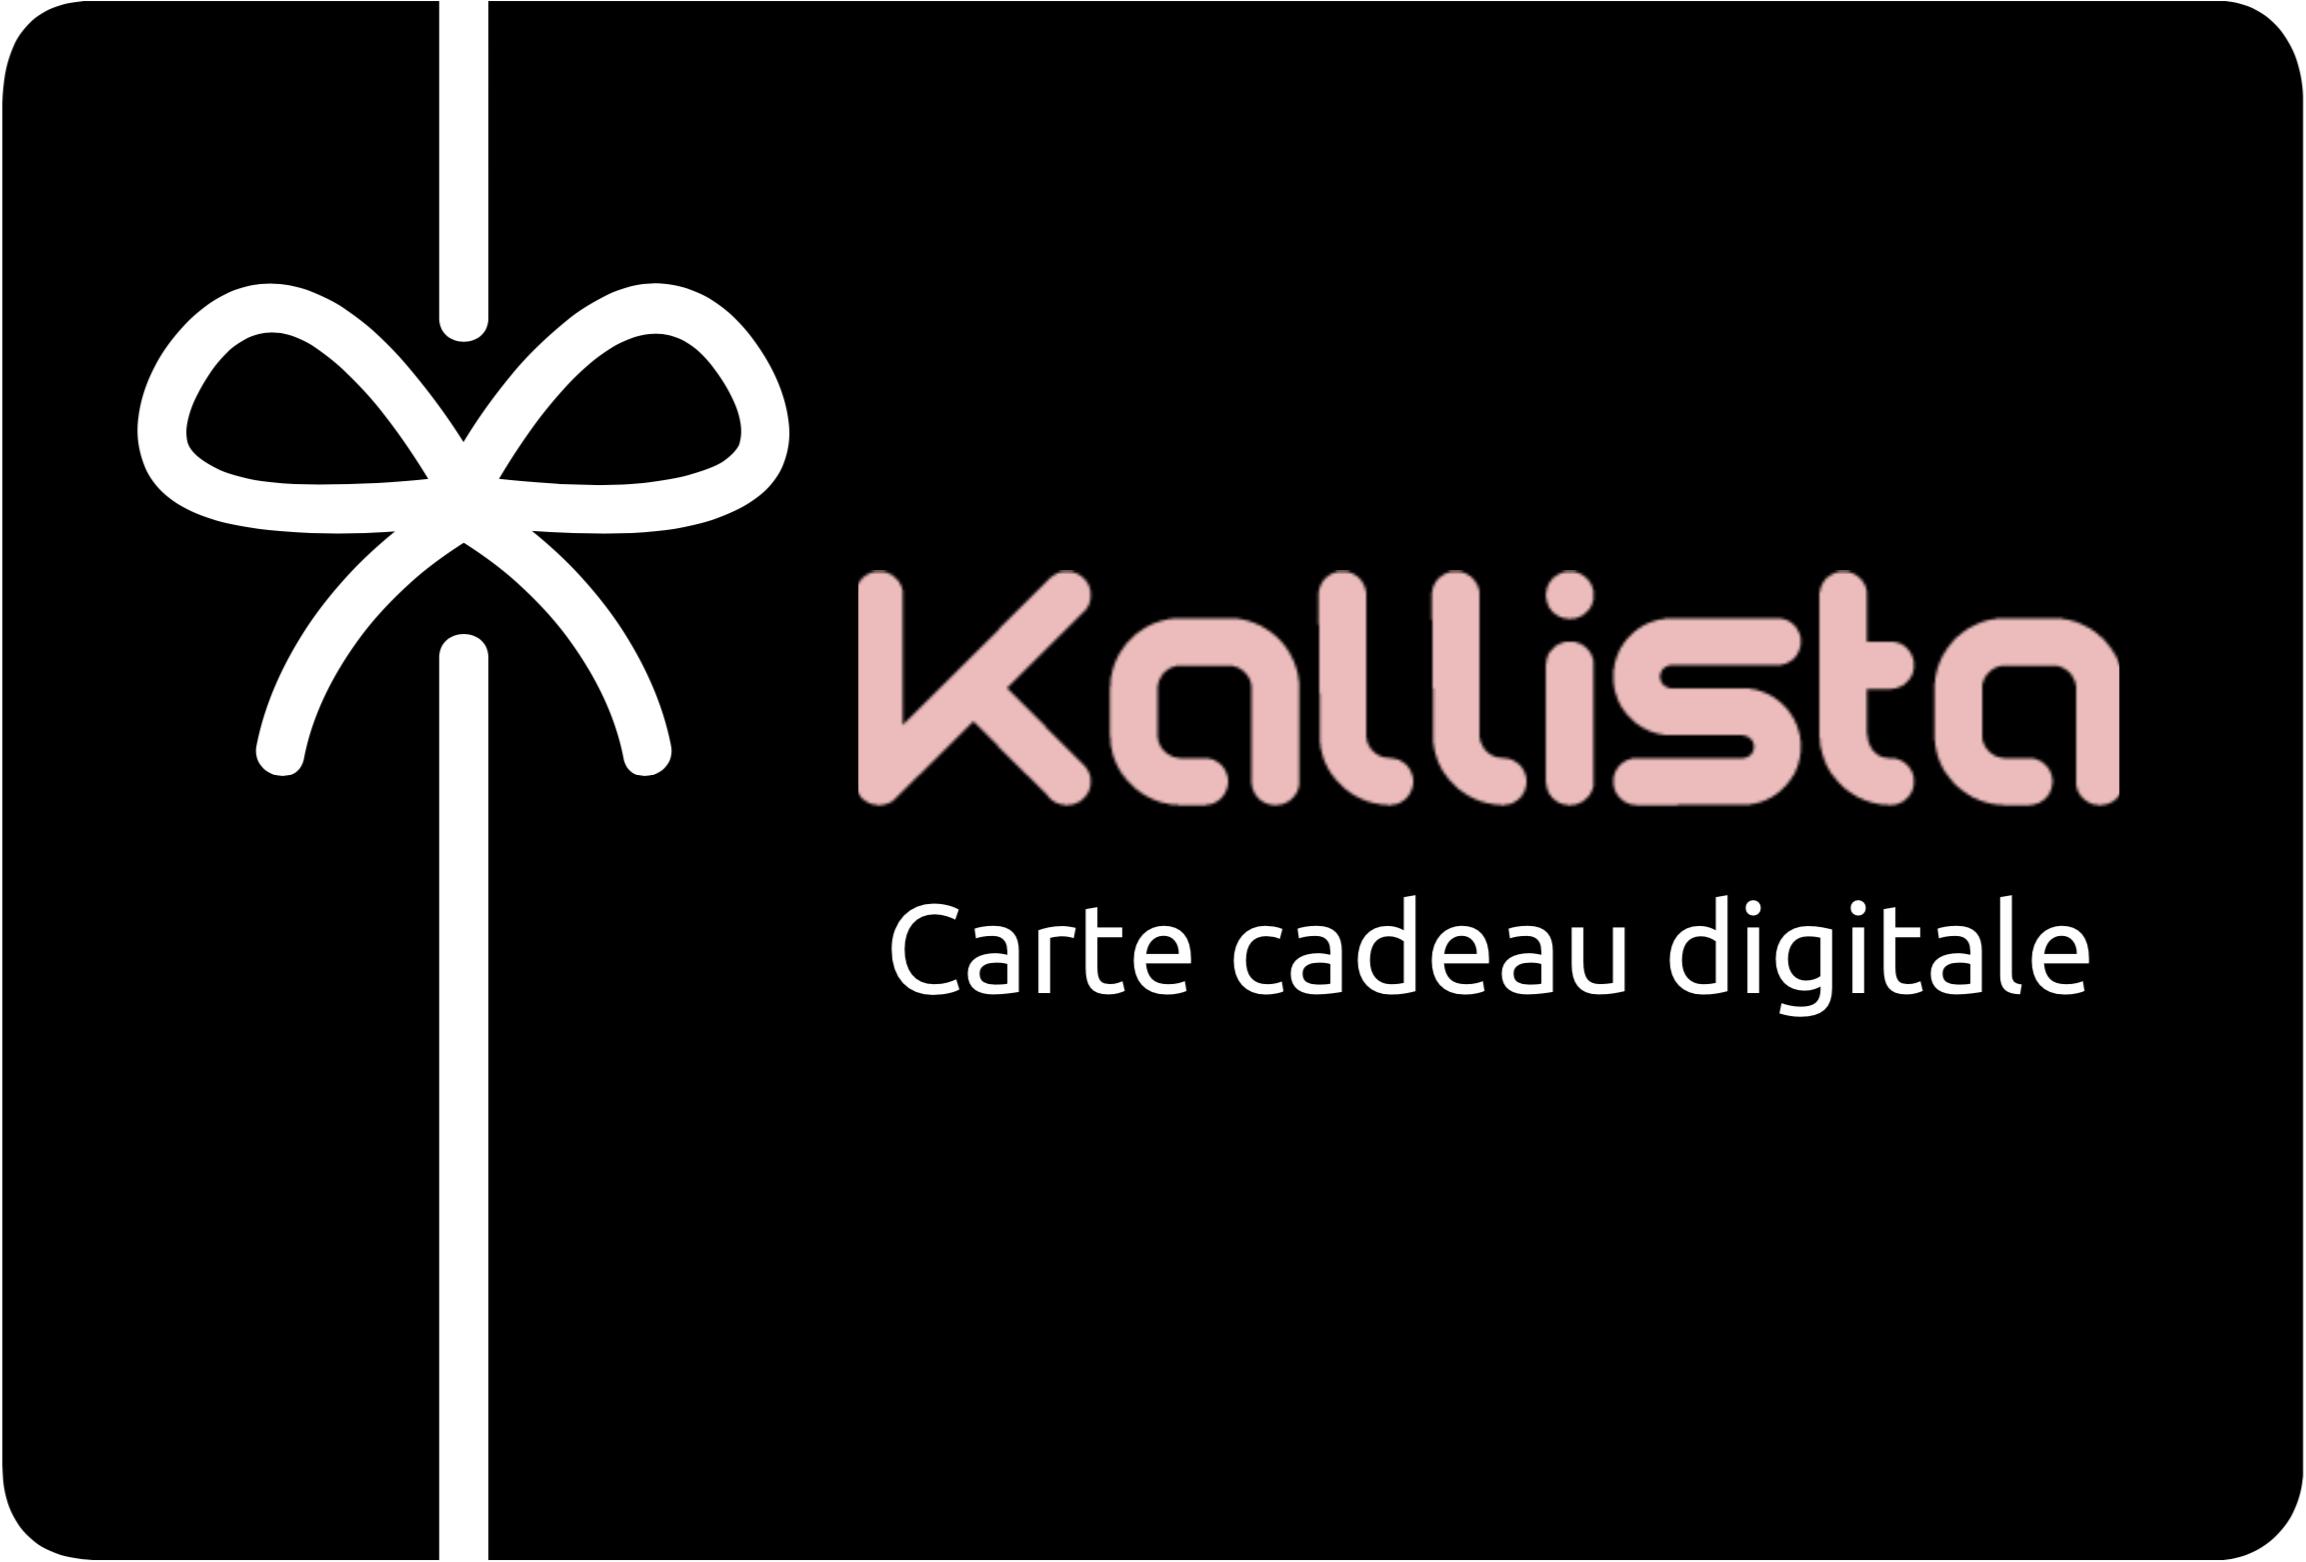 carte-cadeau-digitale-kallista